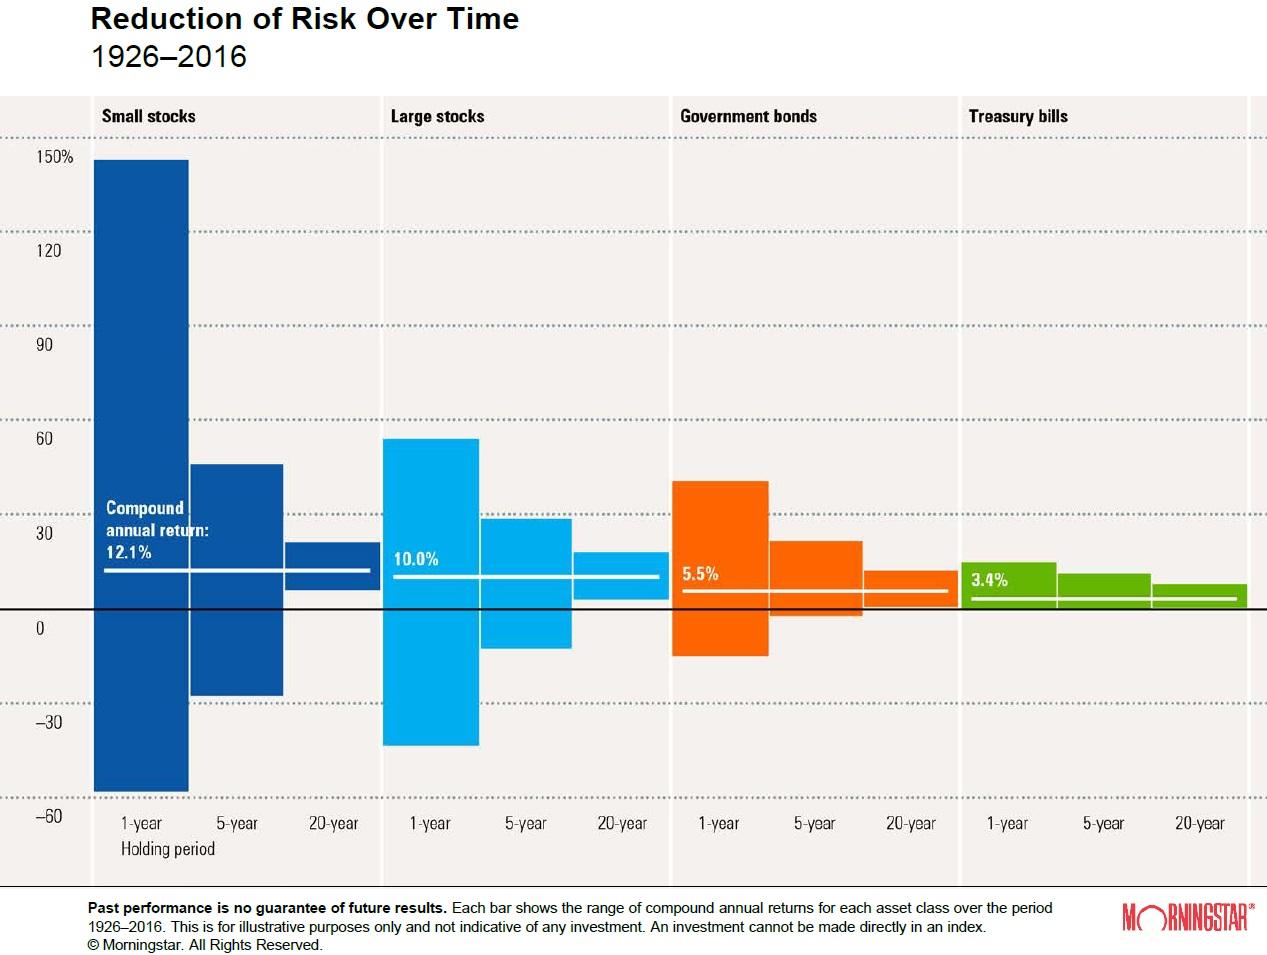 La riduzione del rischio nel tempo